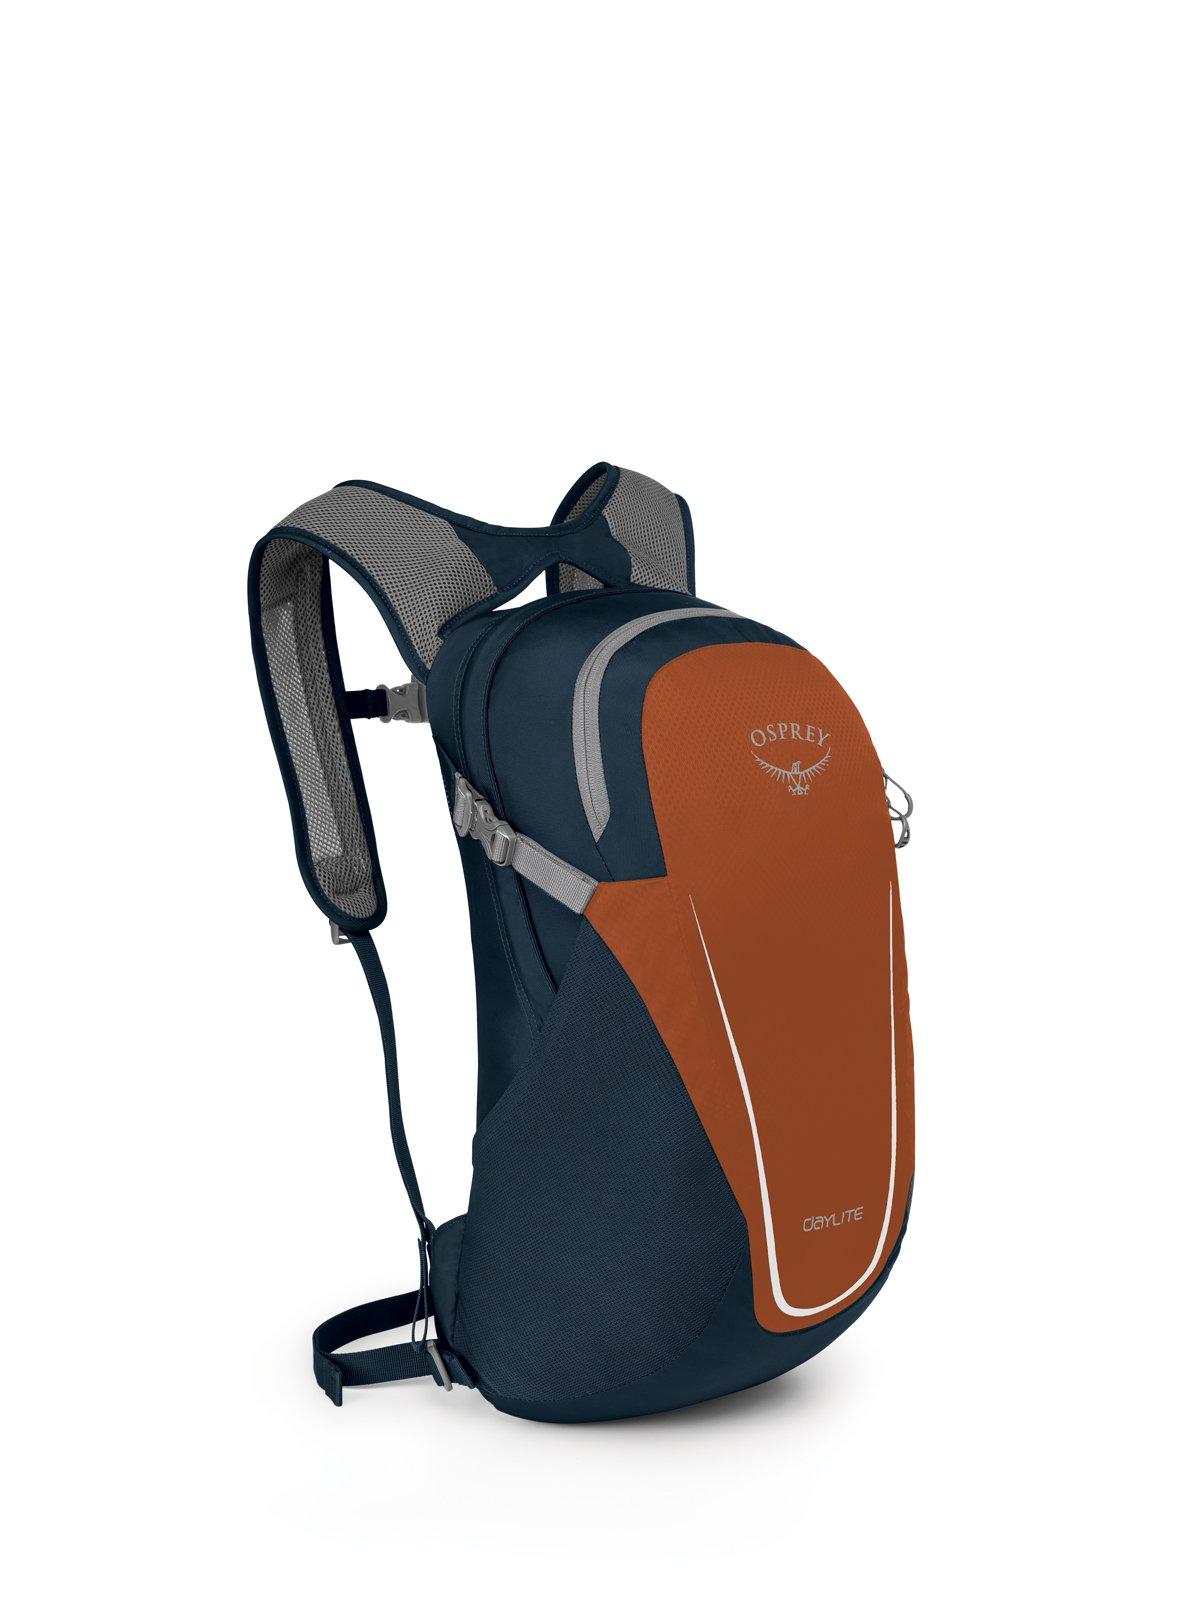 Osprey Packs Daylite Daypack - Dark Blue/Orange, Dark Blue Orange, One Size